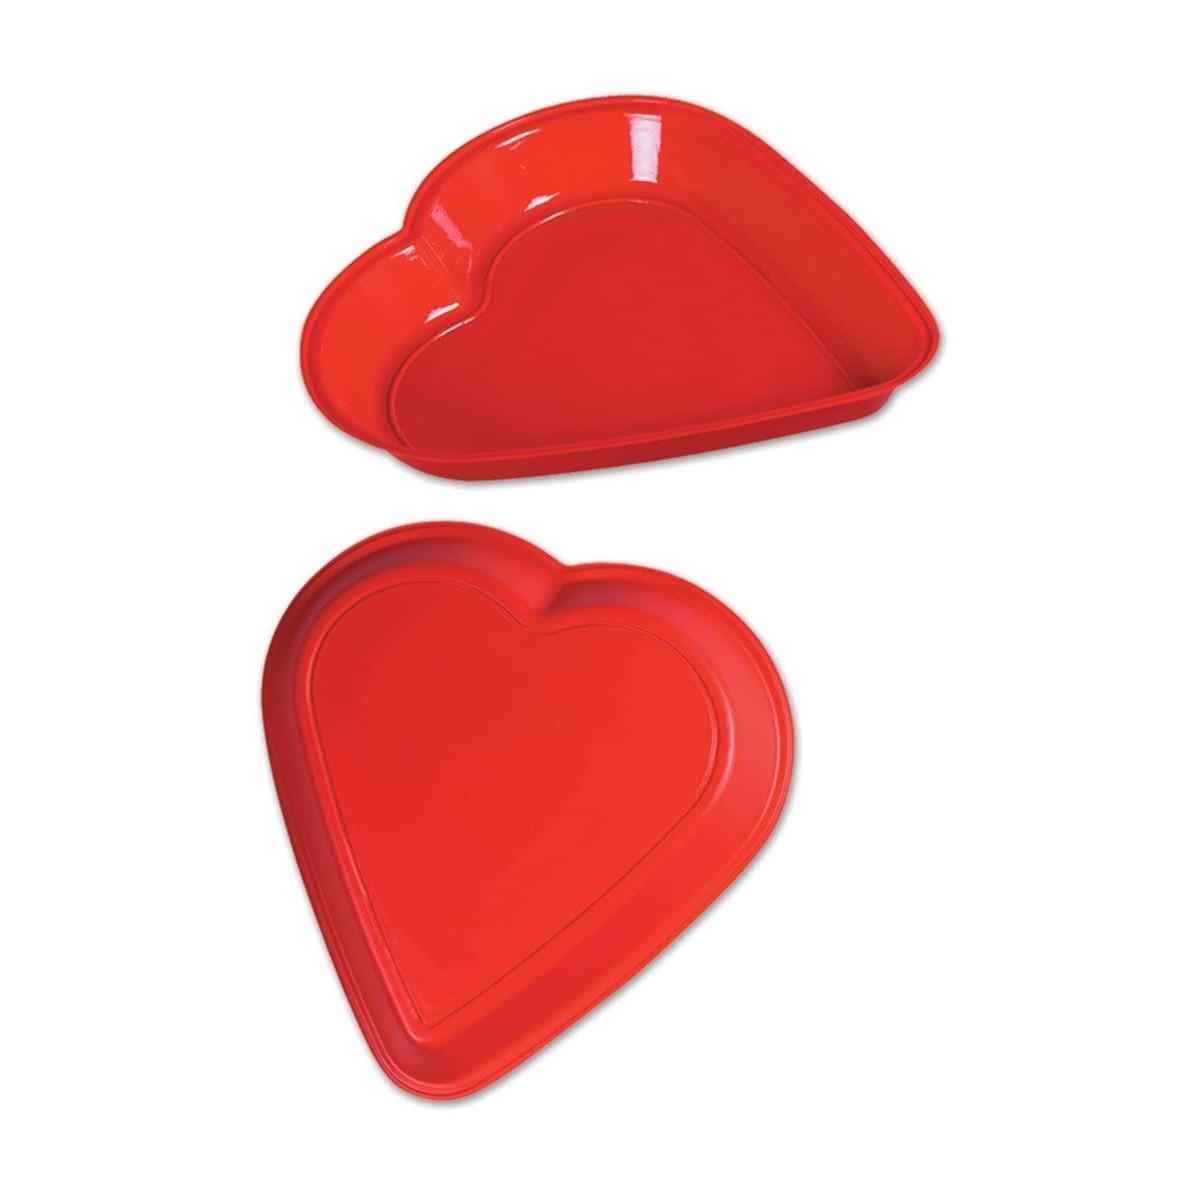 Piatto forma cuore rosso da 30 cm - San Valentino